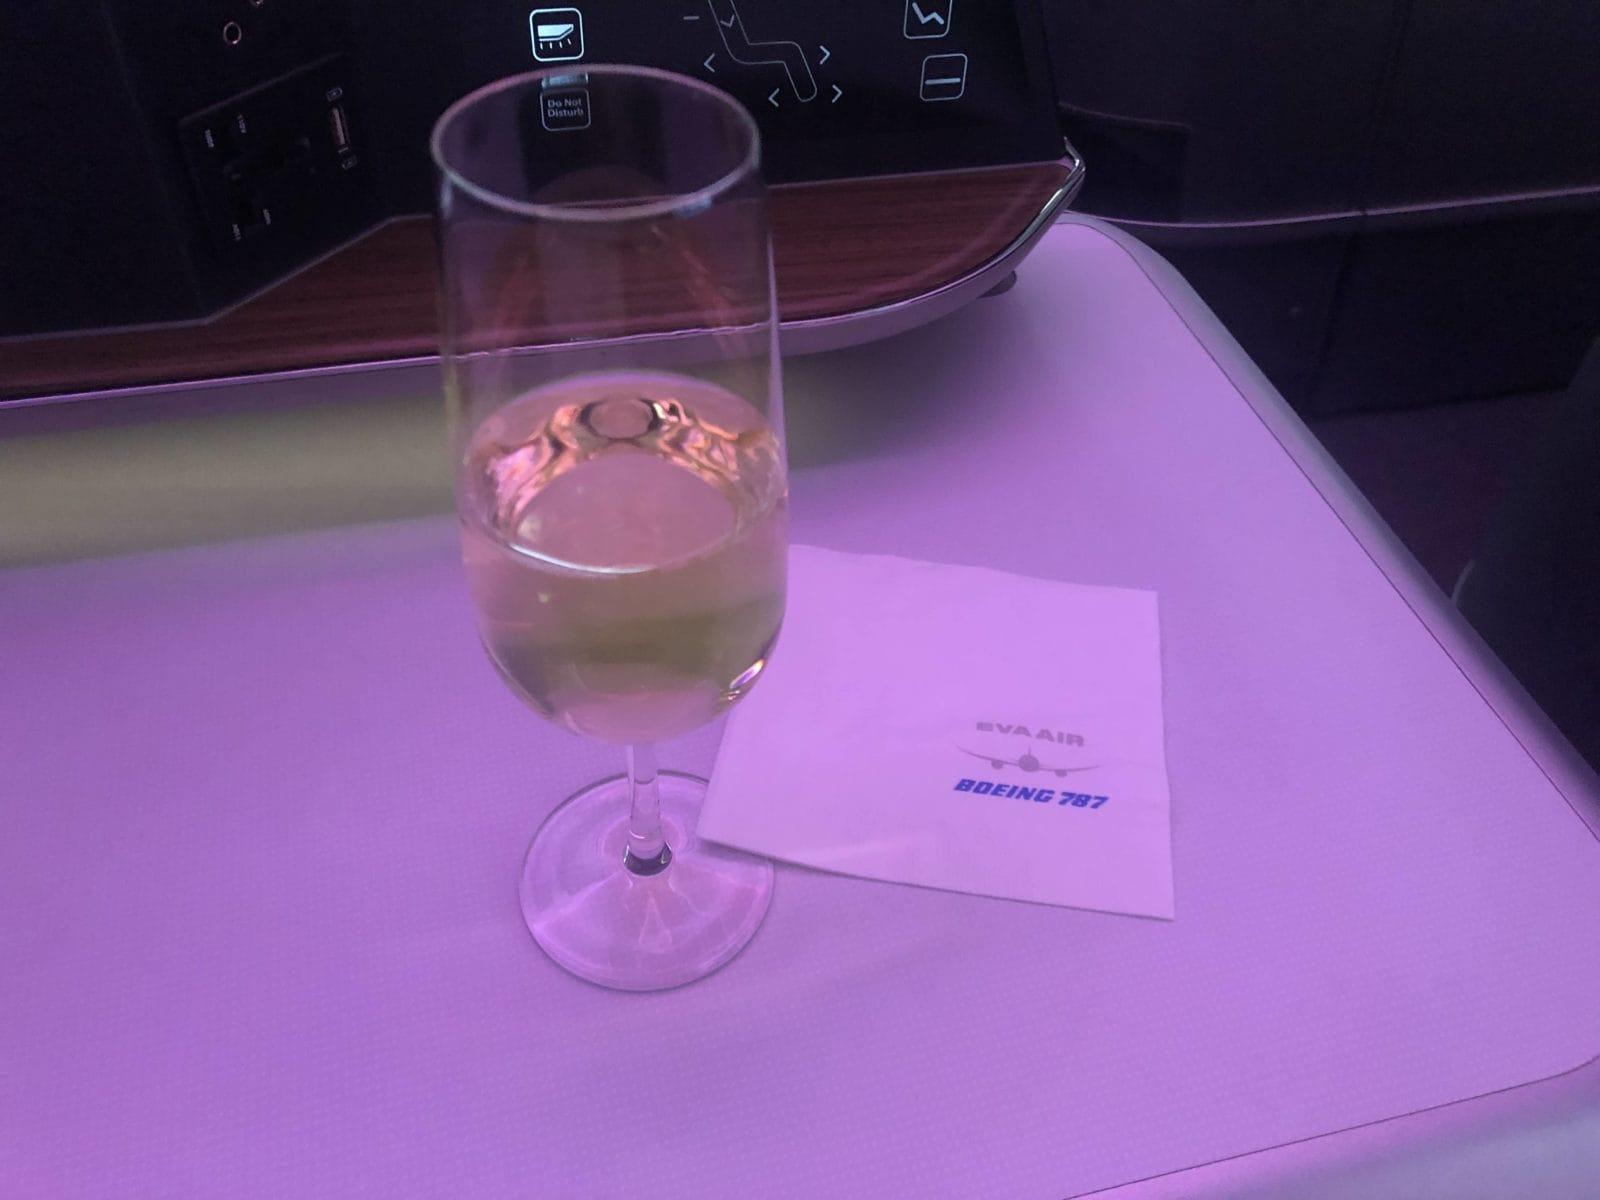 EVA Air neue Business Class 787-9 Sparkling wine